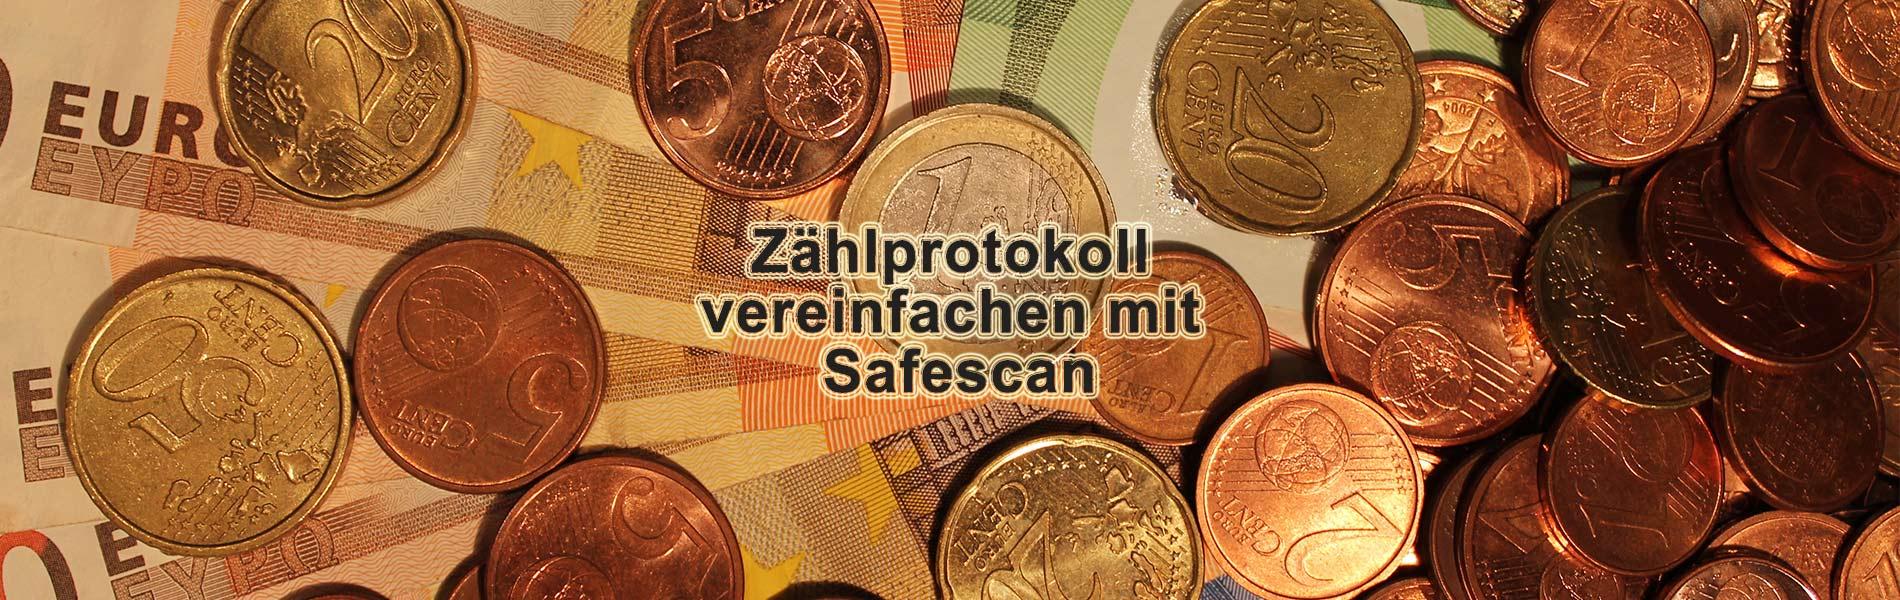 Zählprotokoll vereinfachen mit Safescan Geldzählmaschine inkl. Thermodrucker